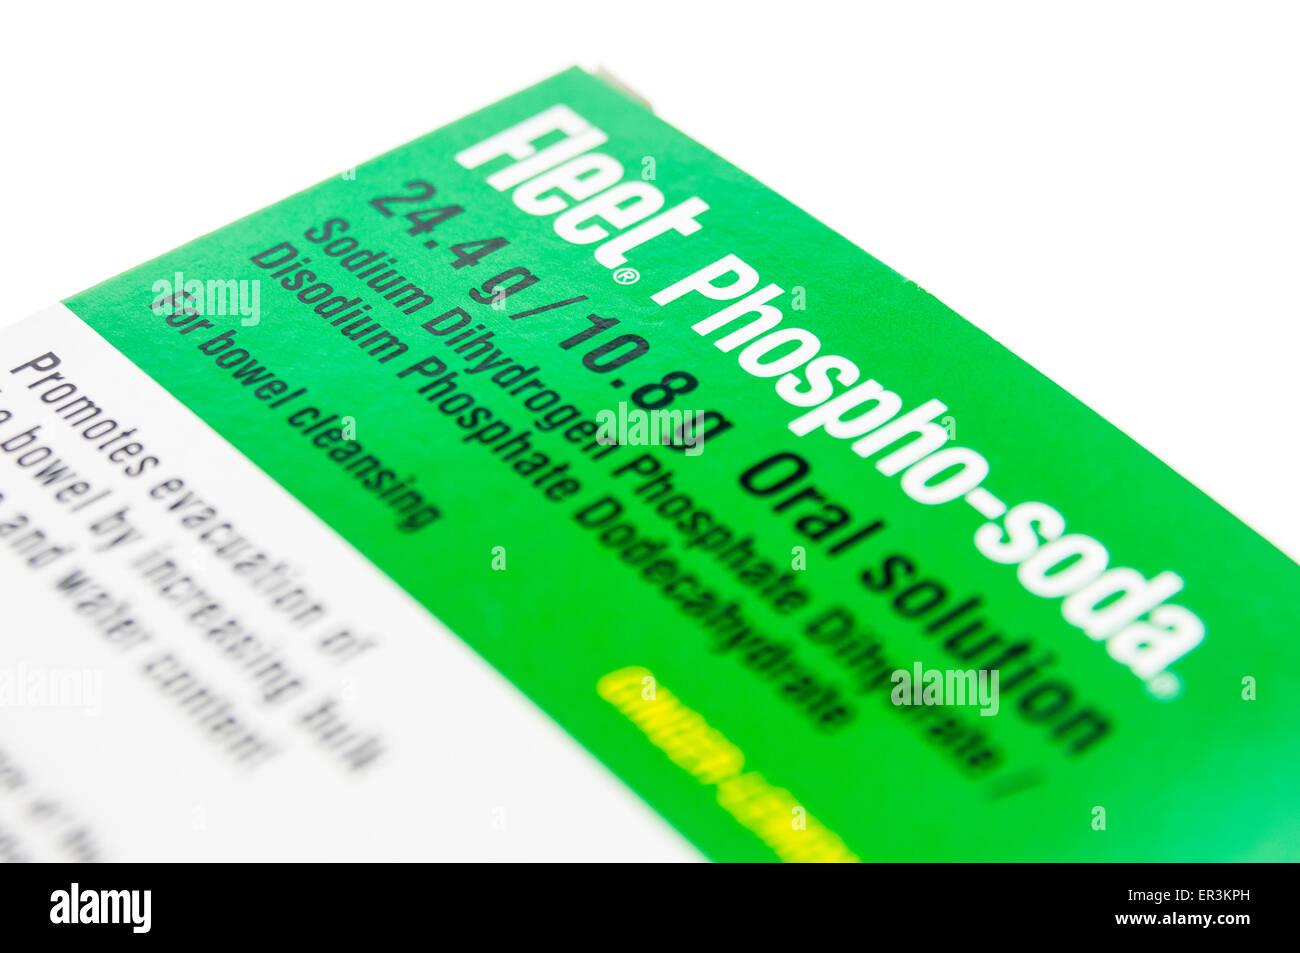 Fleet phospho-soda bol préparation oral solution utilisée pour effacer les intestins avant de procédures Photo Stock